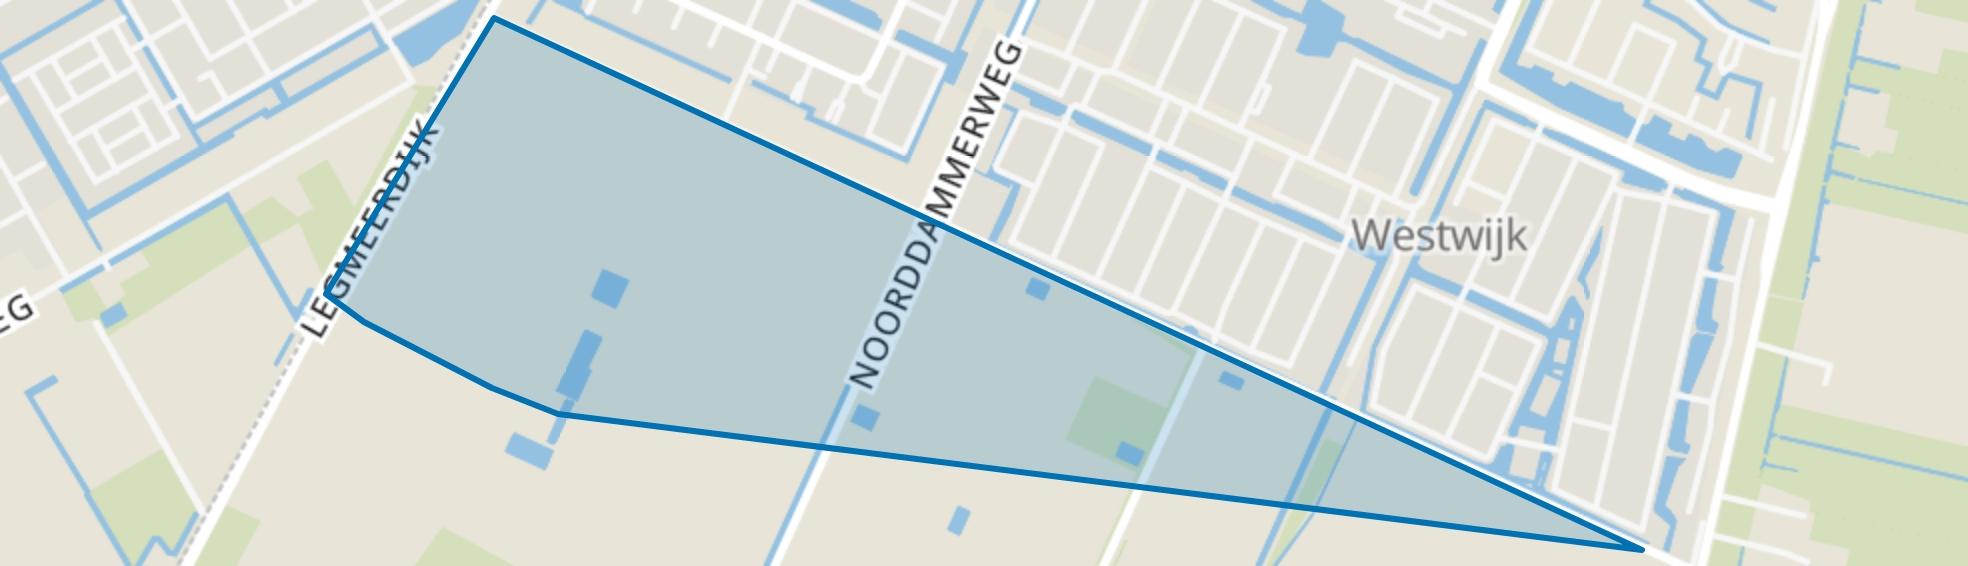 De Scheg, Amstelveen map